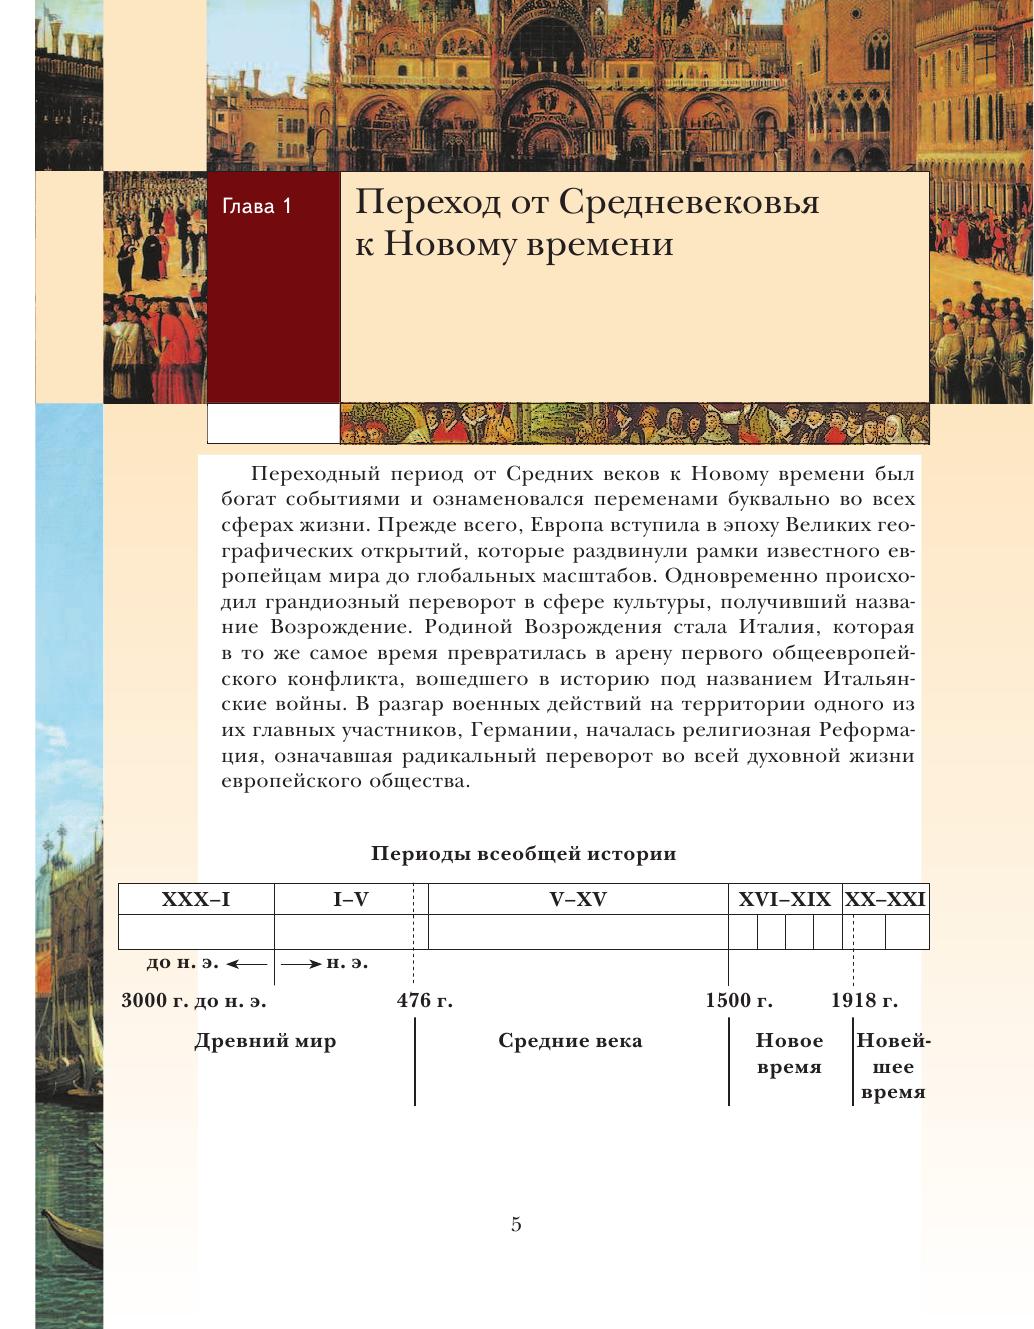 Рабочая программа по всеобщей истории 8 класс носков в.в